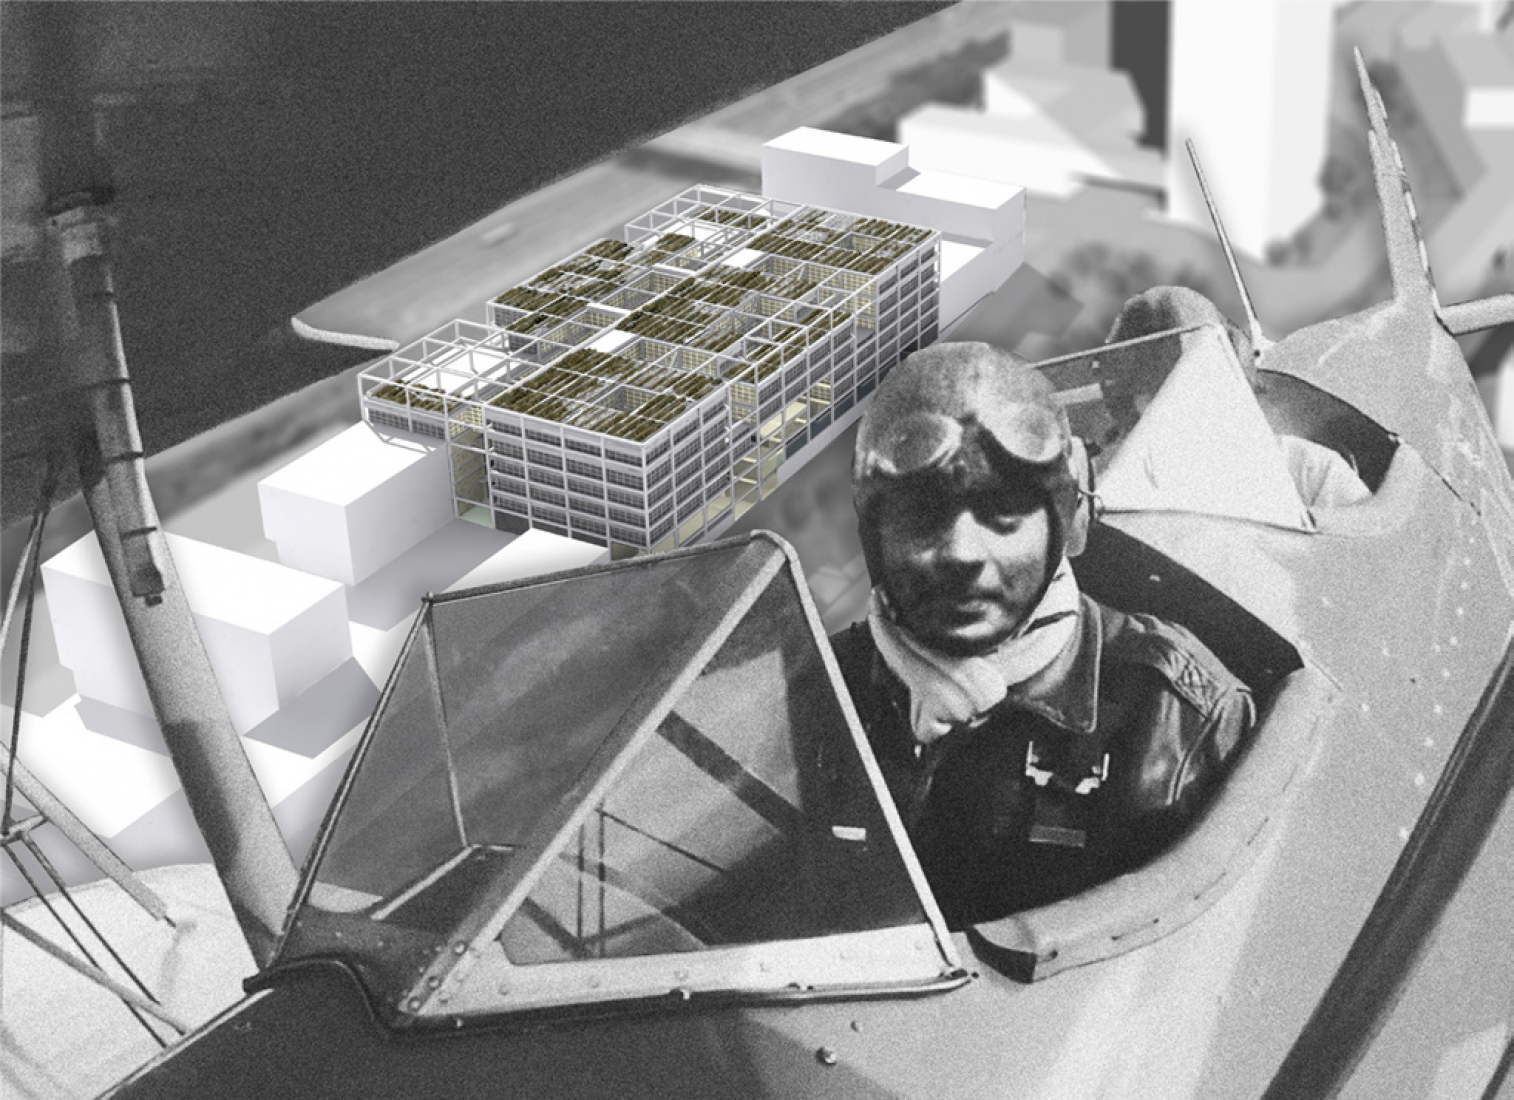 Vista aérea. IRT St Exupéry por Clément Blanchet Architecture-AUA (partners architects).